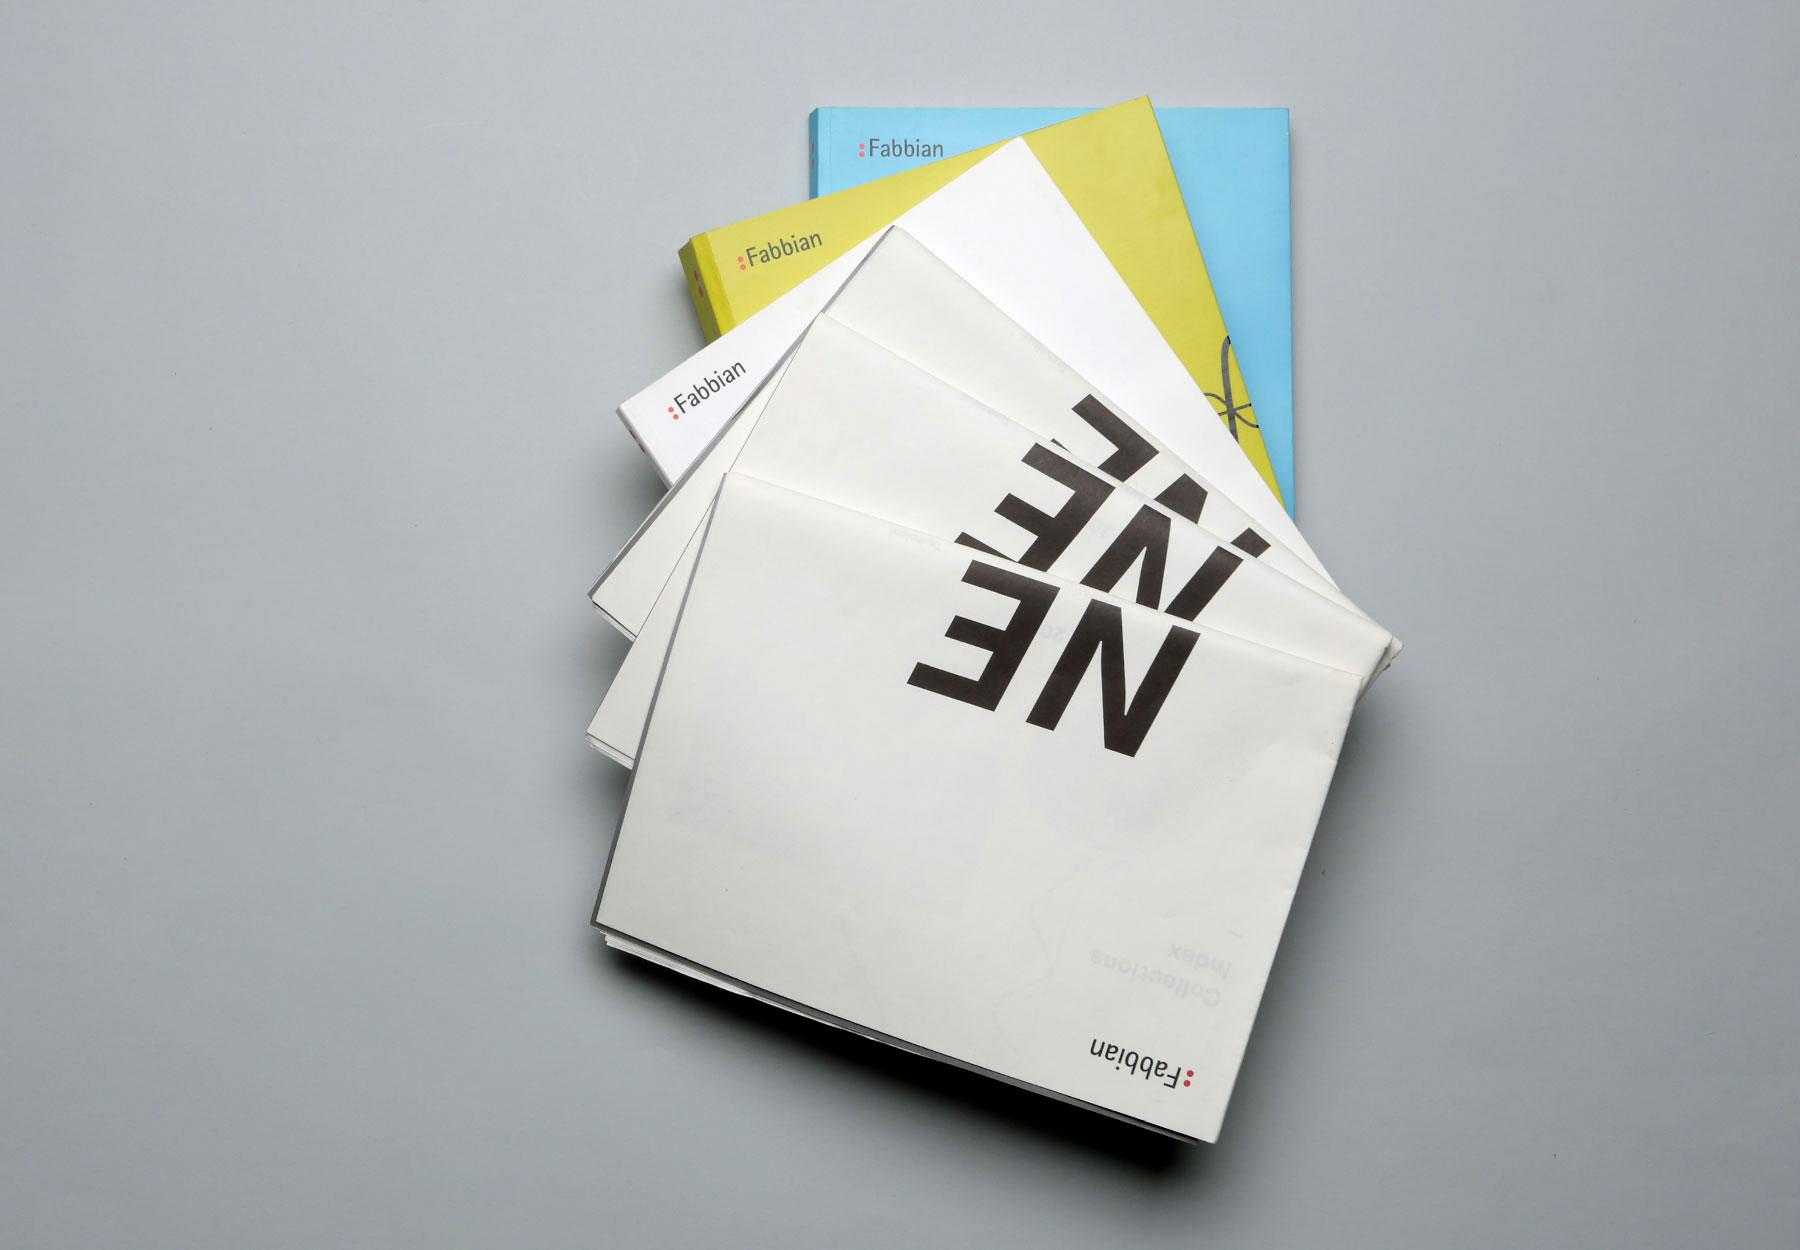 Progettazione Linea Cataloghi Fabbian Illuminazione Dry Studio